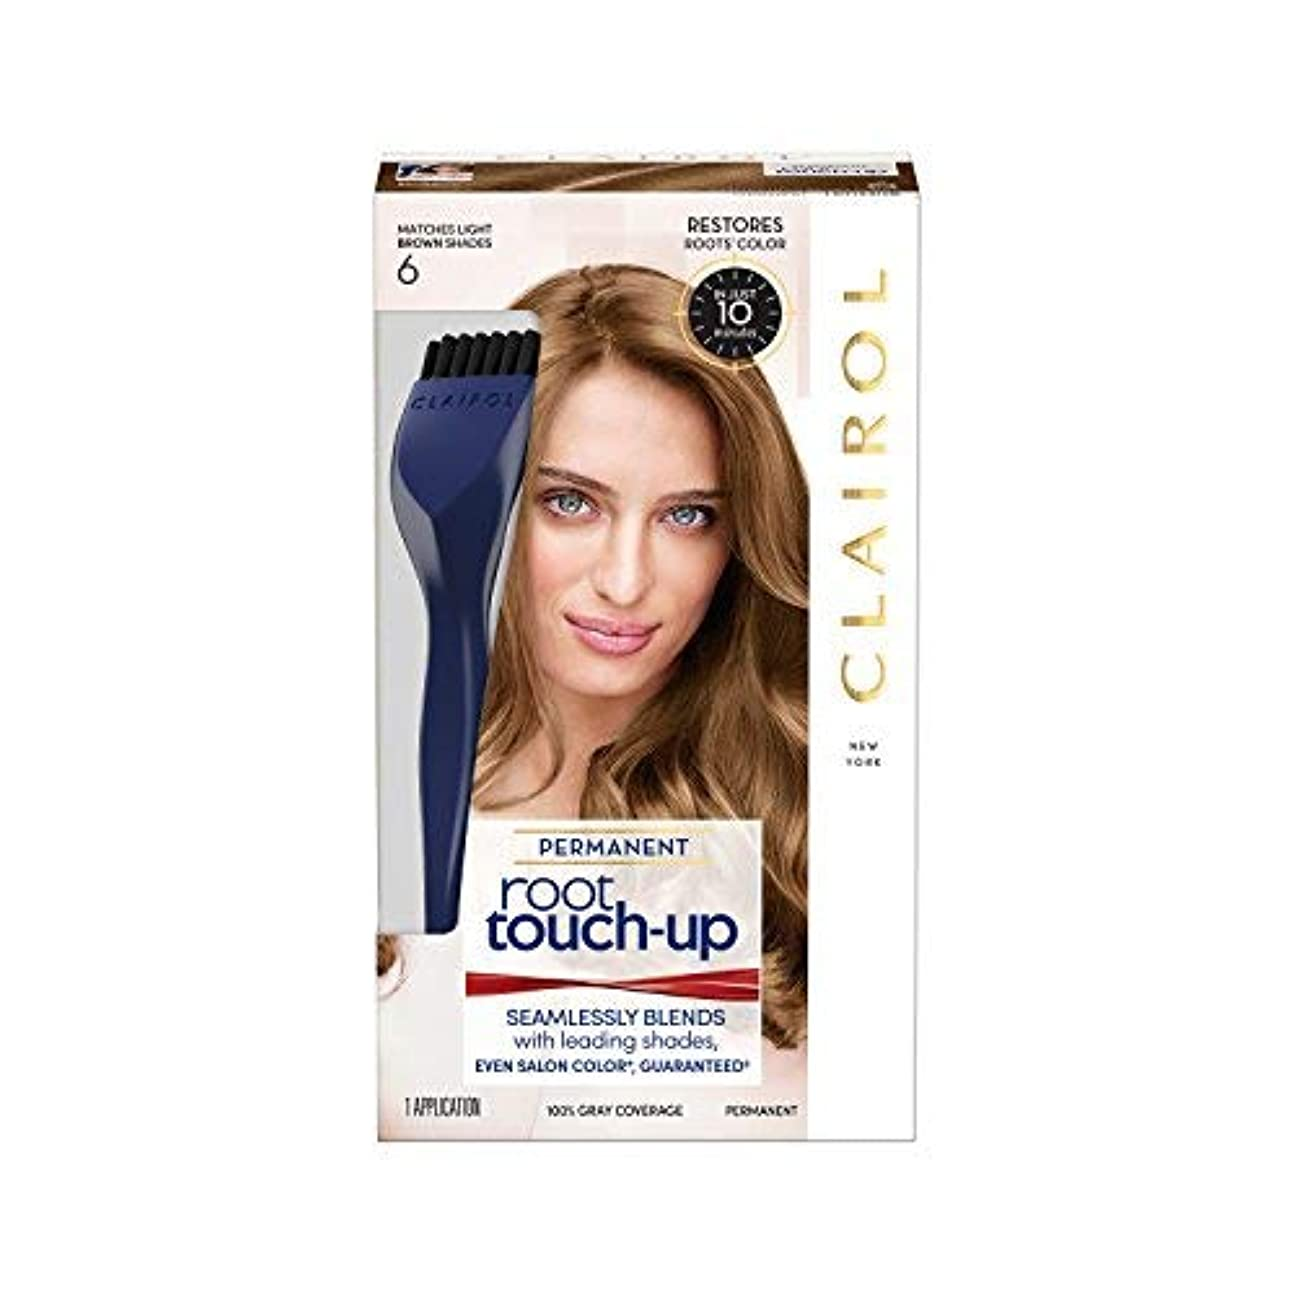 パステル葉っぱ若さ海外直送品 ルートタッチ Root Touch-Up - Just The Brunette Shades 6 自宅で10分?簡単ルートカラー (柔らかなライトブラウン)